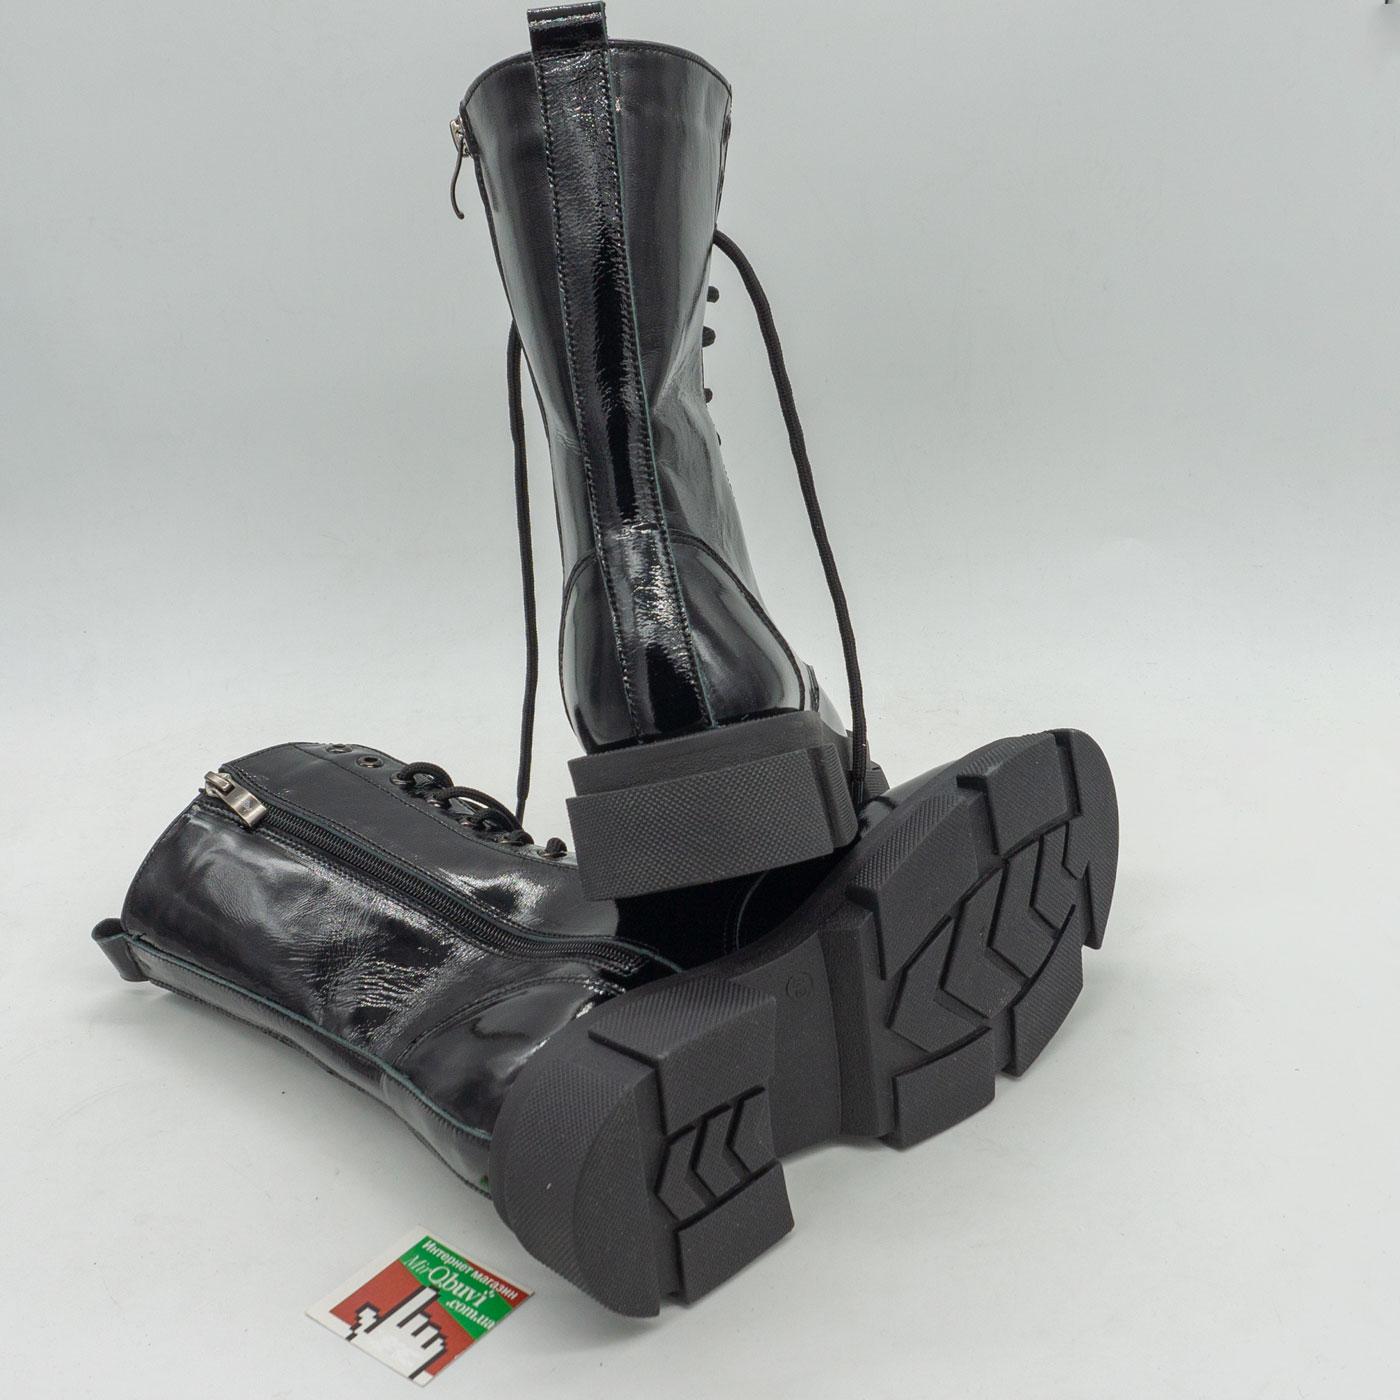 фото back Зимние черные лаковые женские ботинки в Dr. Martens на платформе - 0022 back